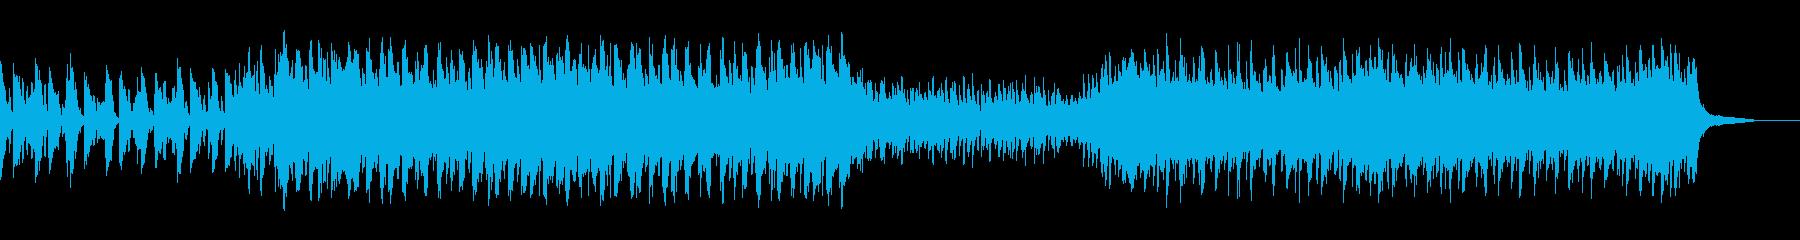 手がかりを掴んで動き出す曲の再生済みの波形